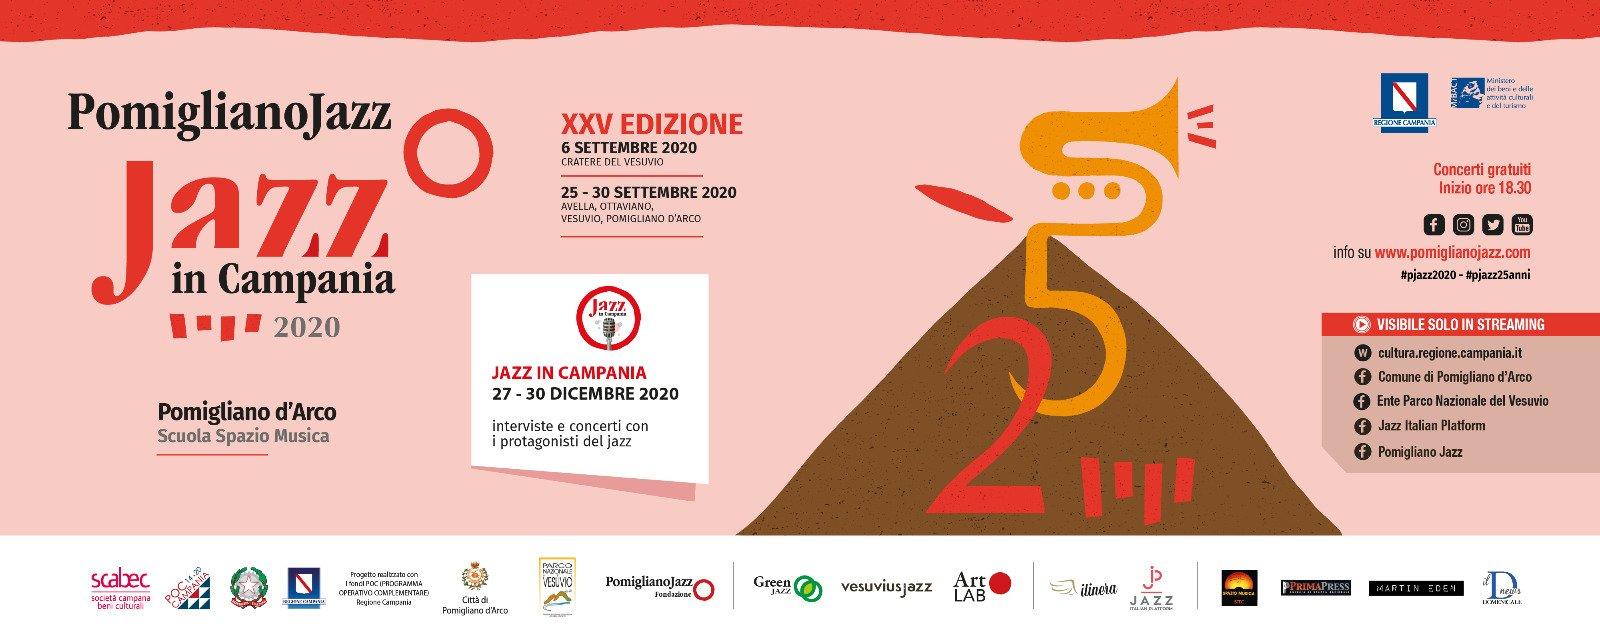 Pomigliano jazz, xxv edizione: dal 27 al 30 dicembre